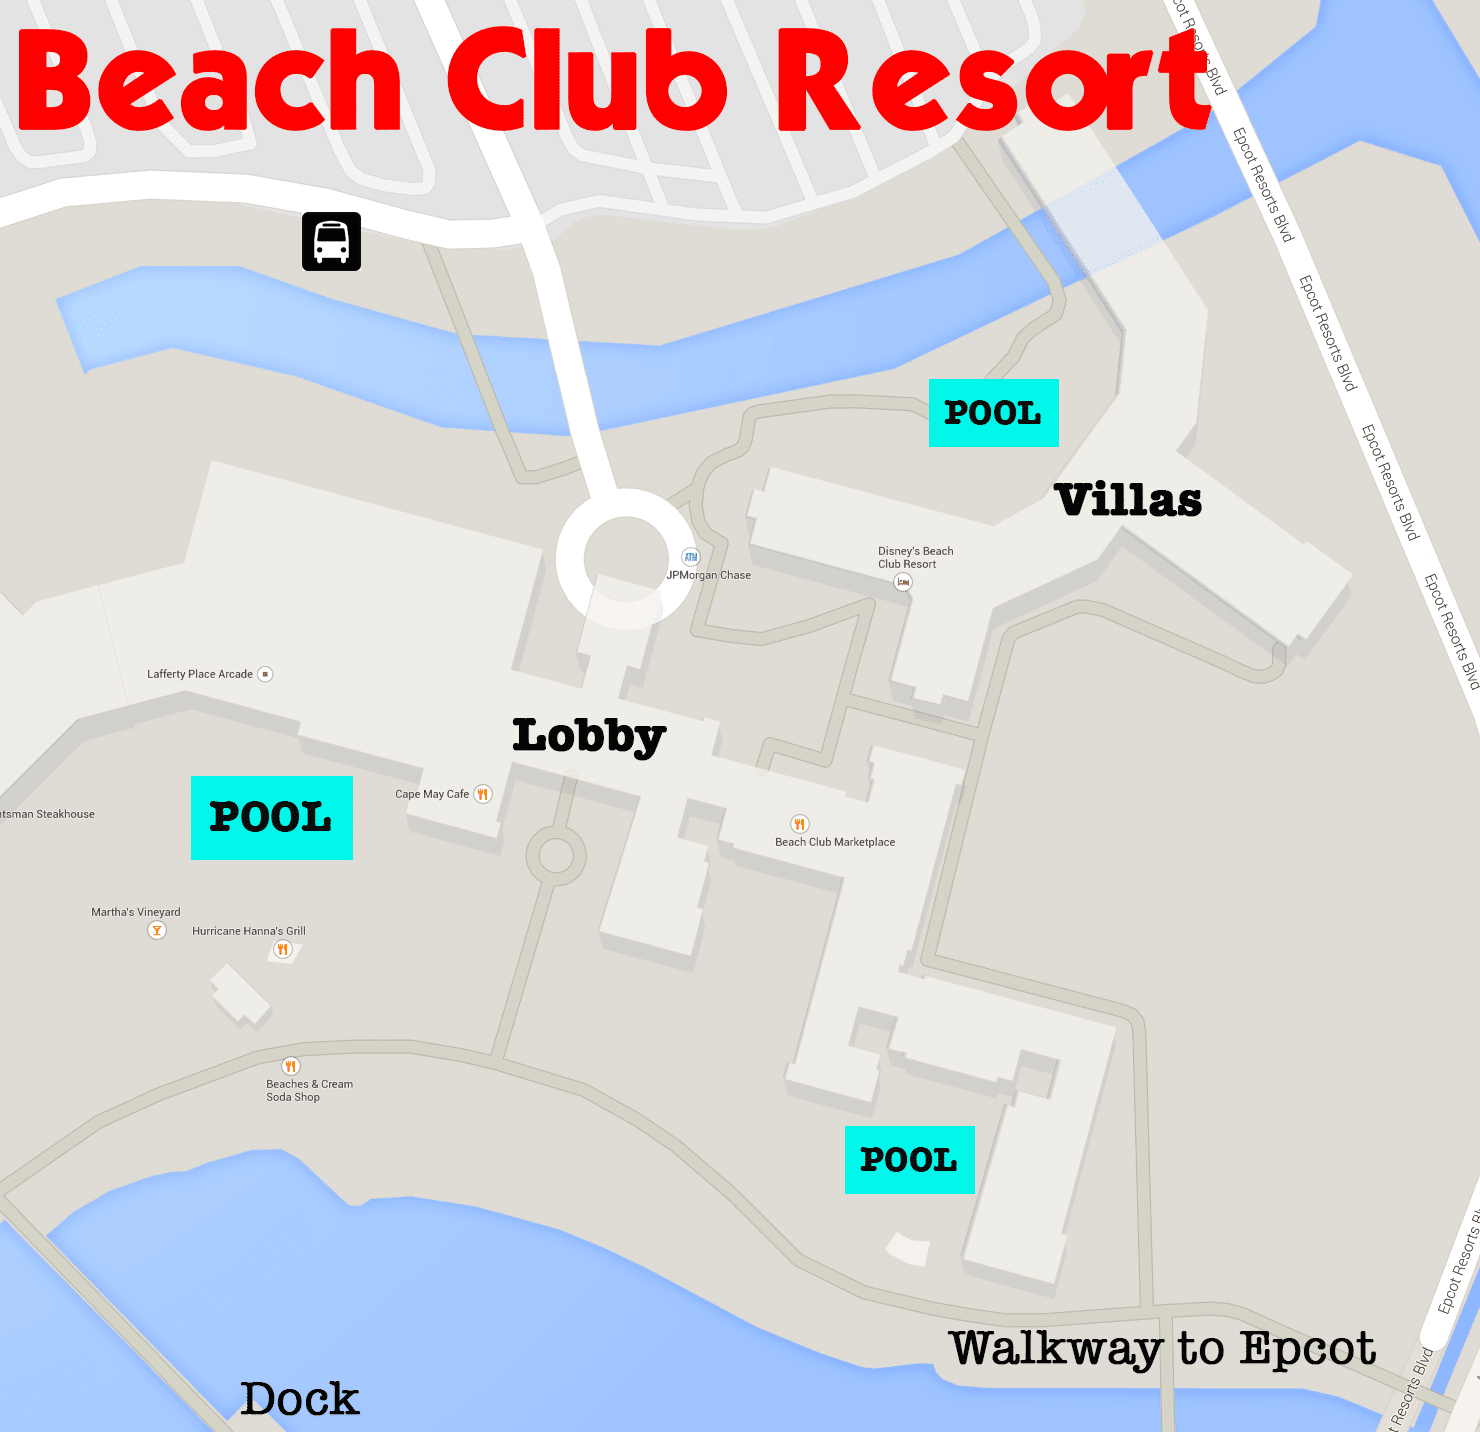 beach club resort walt disney world